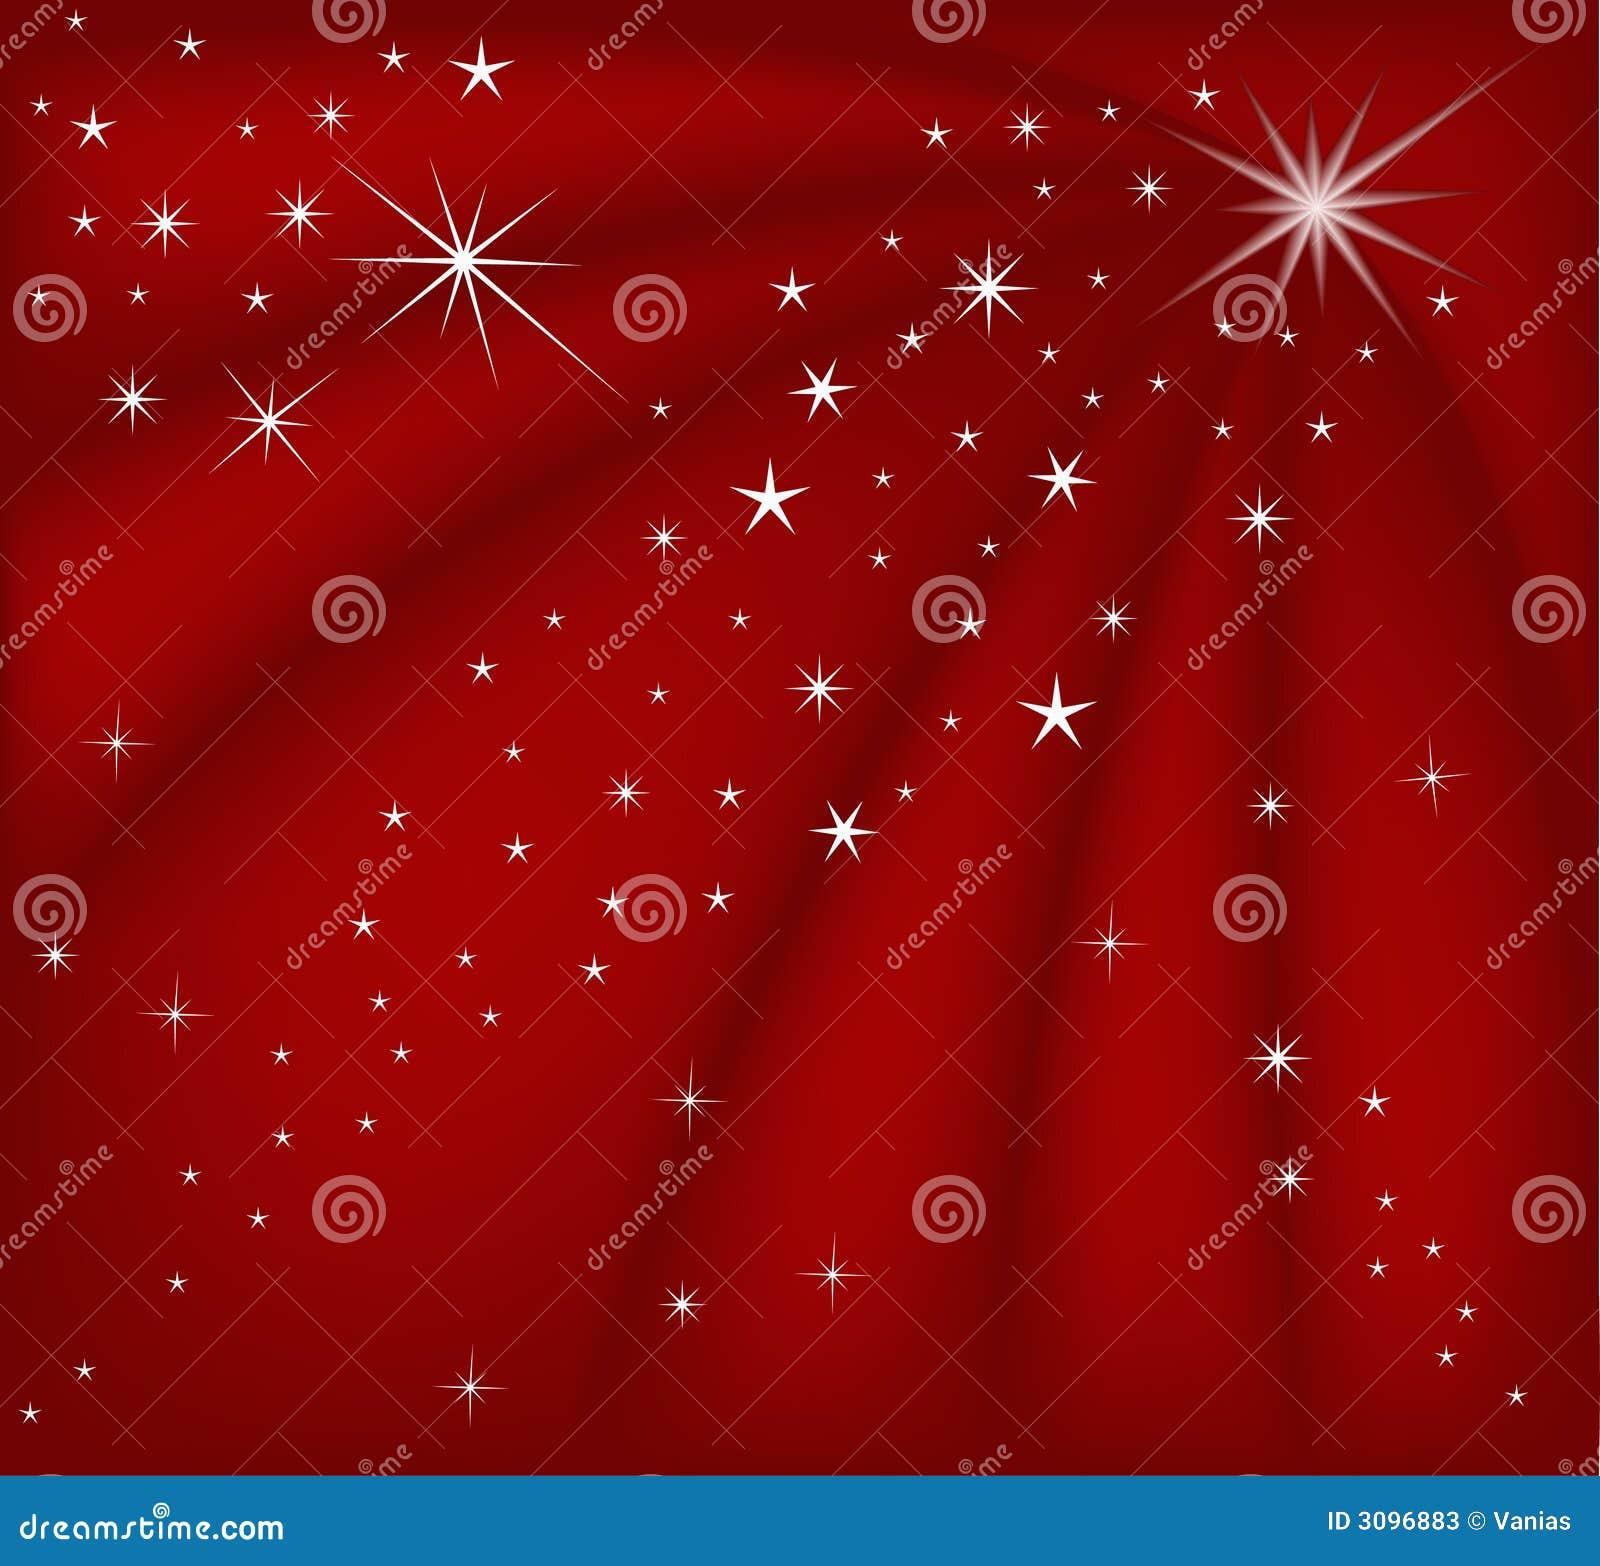 Fundo vermelho mágico do Natal